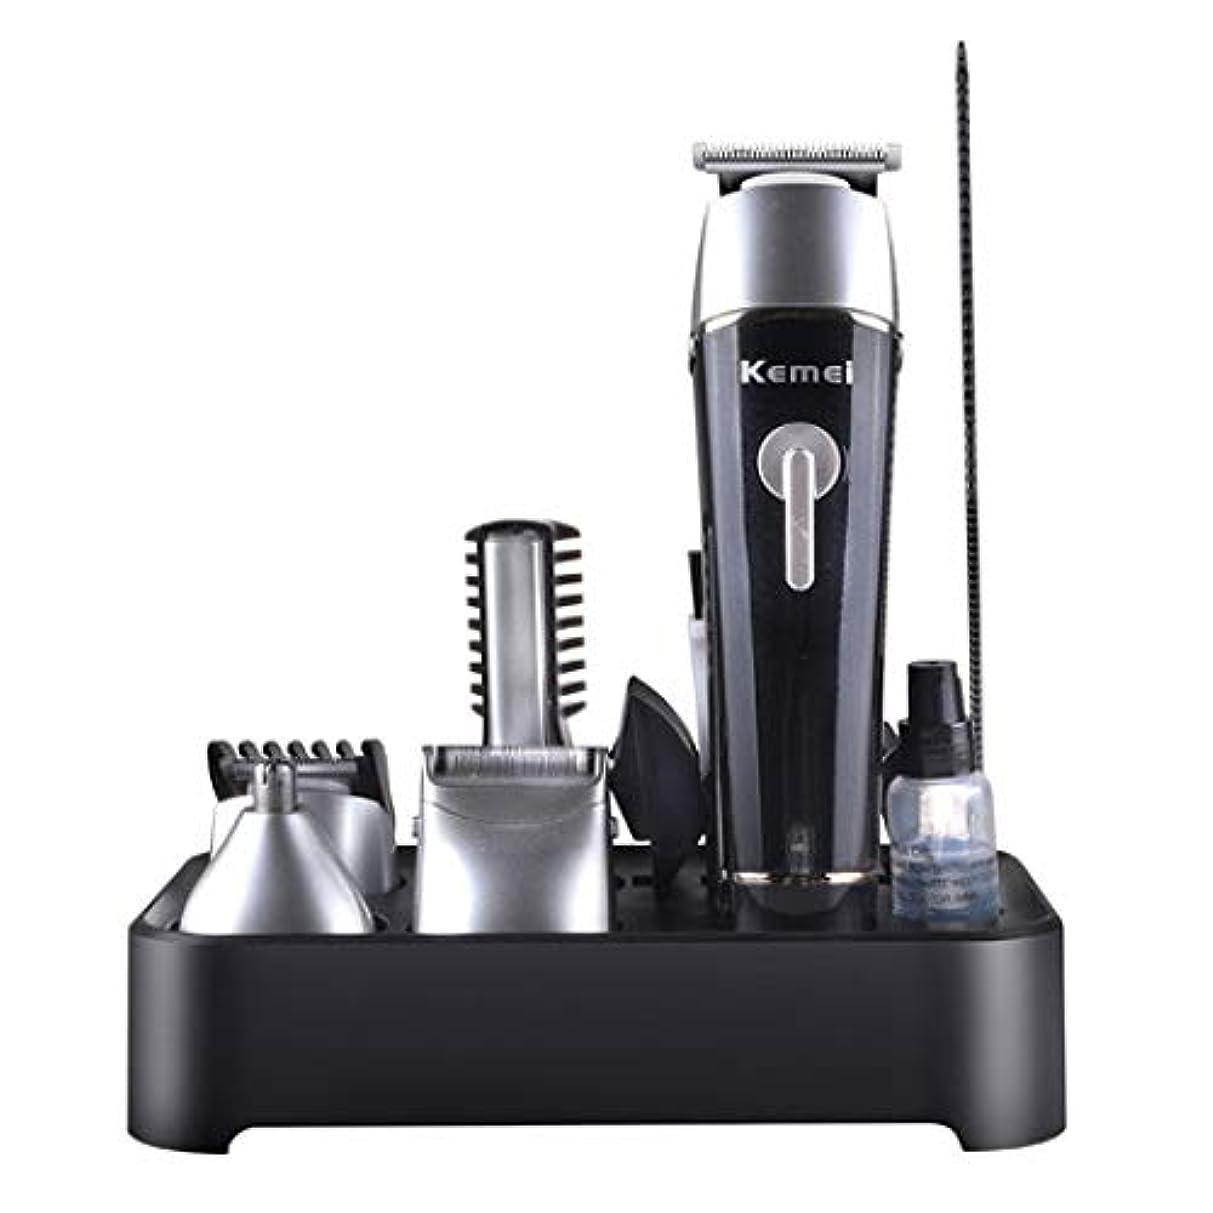 アーティスト啓発する保証金QINJLI 電気髪クリッパー鼻ナイフ剃刀シェーバー多 function スーツ体を洗う基本 16 * 3.5 cm を充電